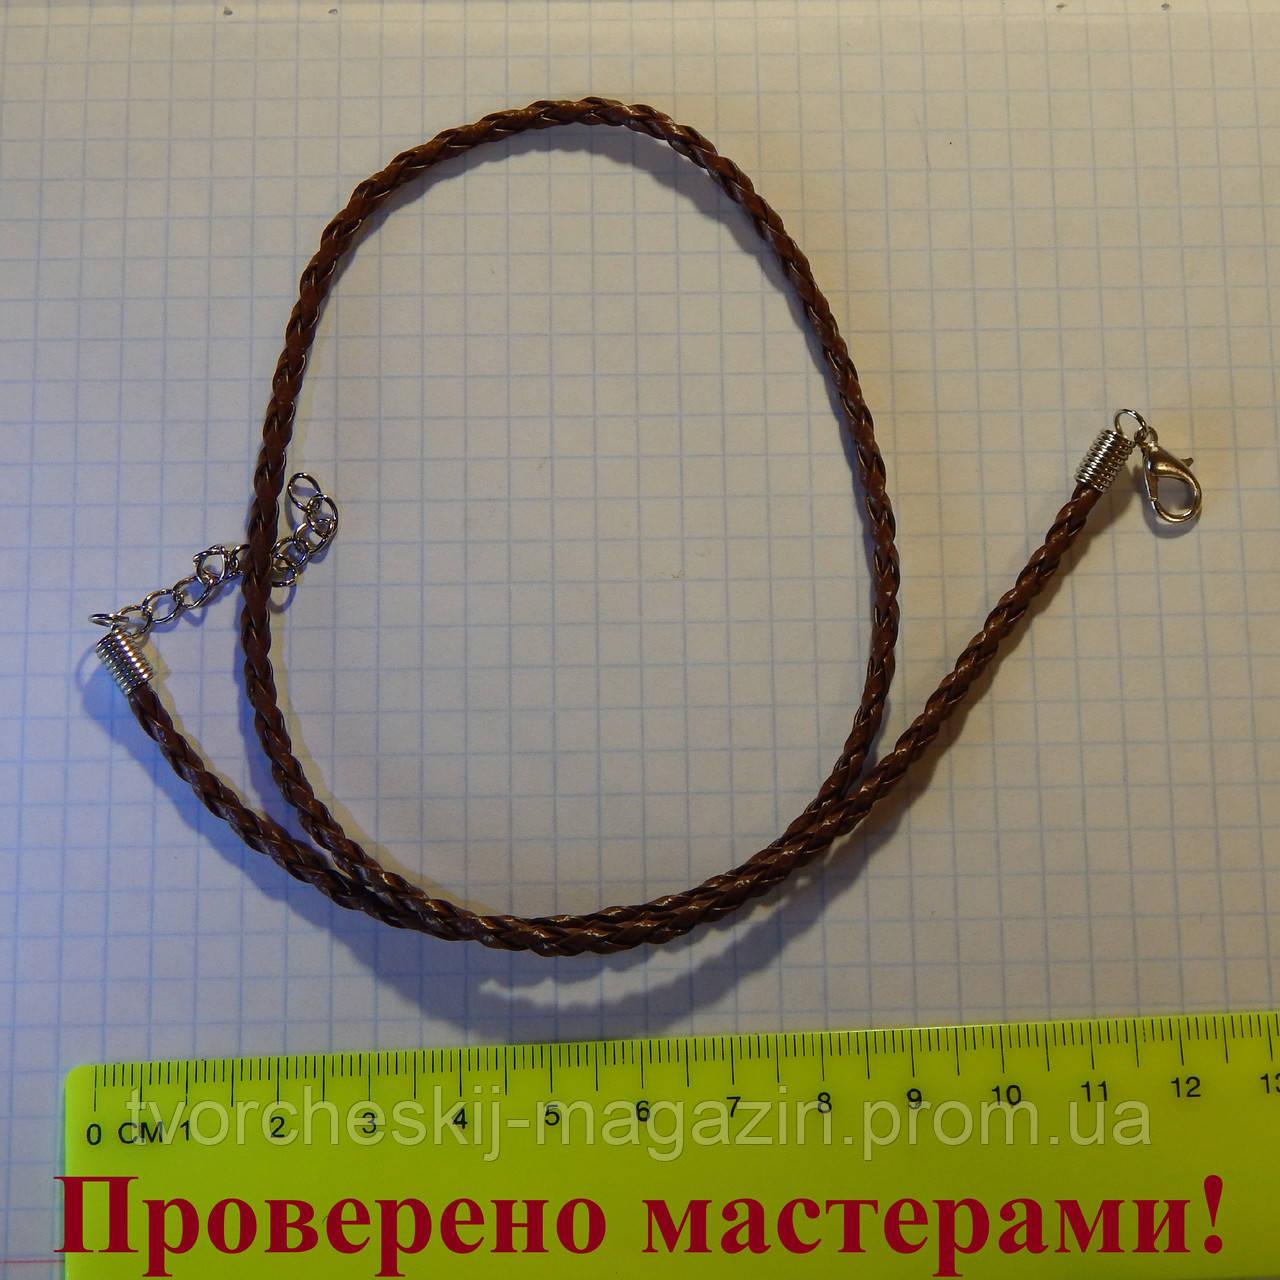 Плетеный шнур 3 мм с застежкой и удлинителем, 45 см, цвет коричневый